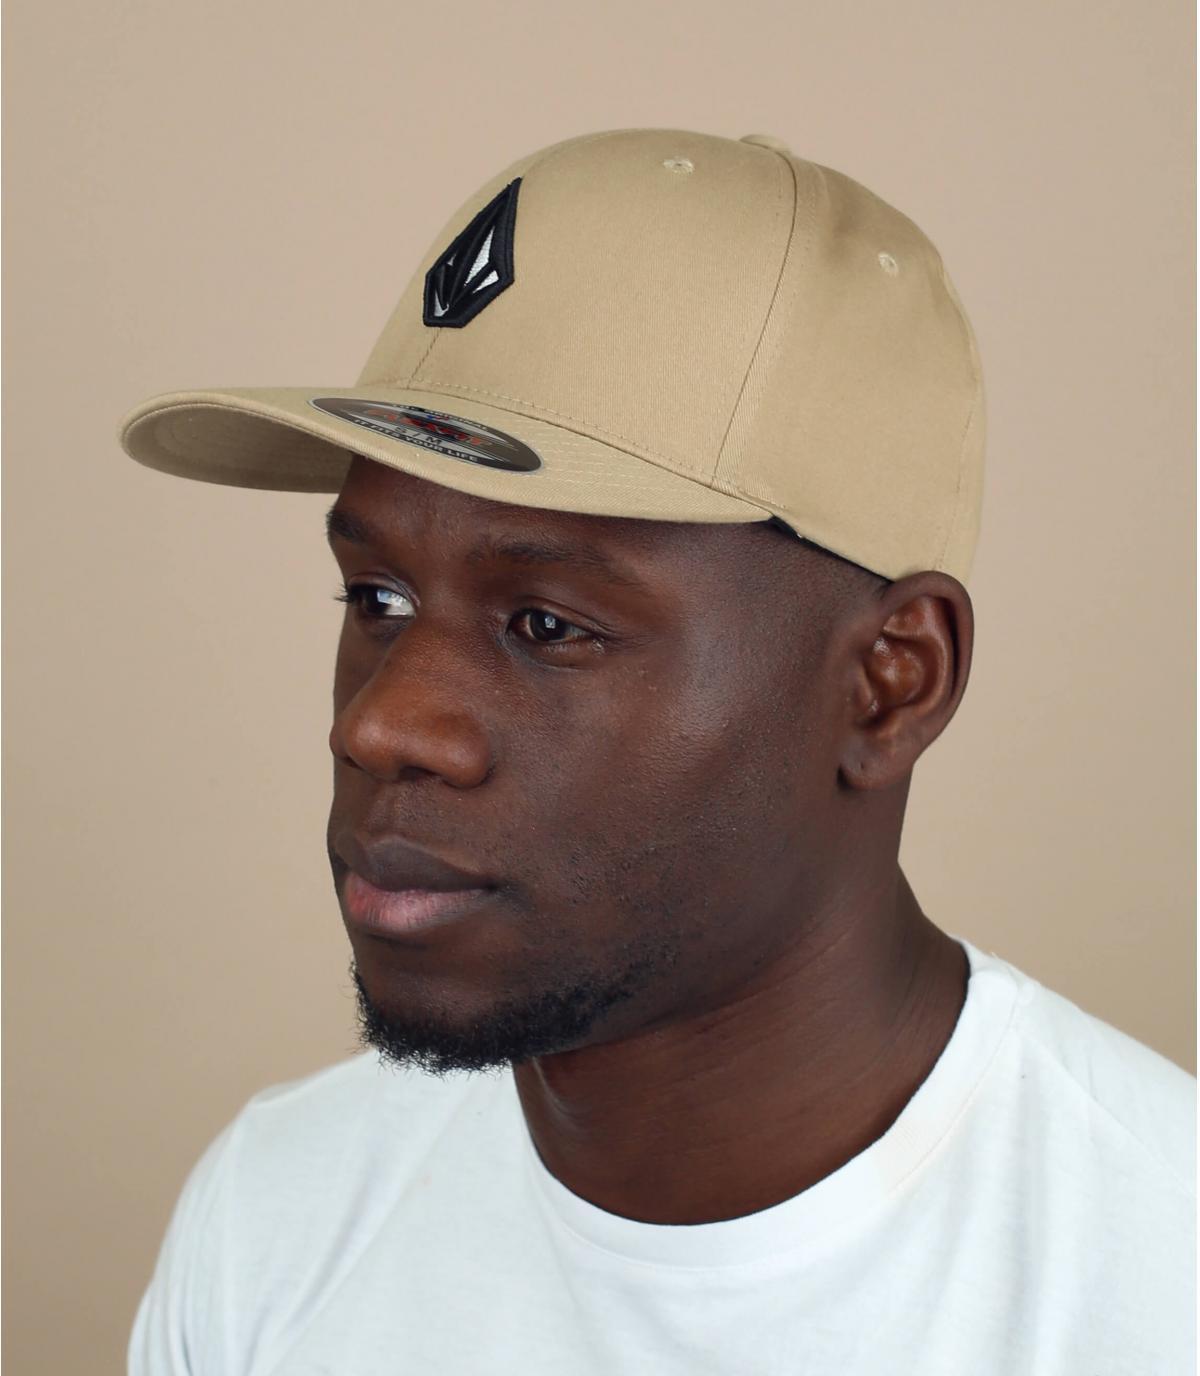 cappellino beige Volcom stone